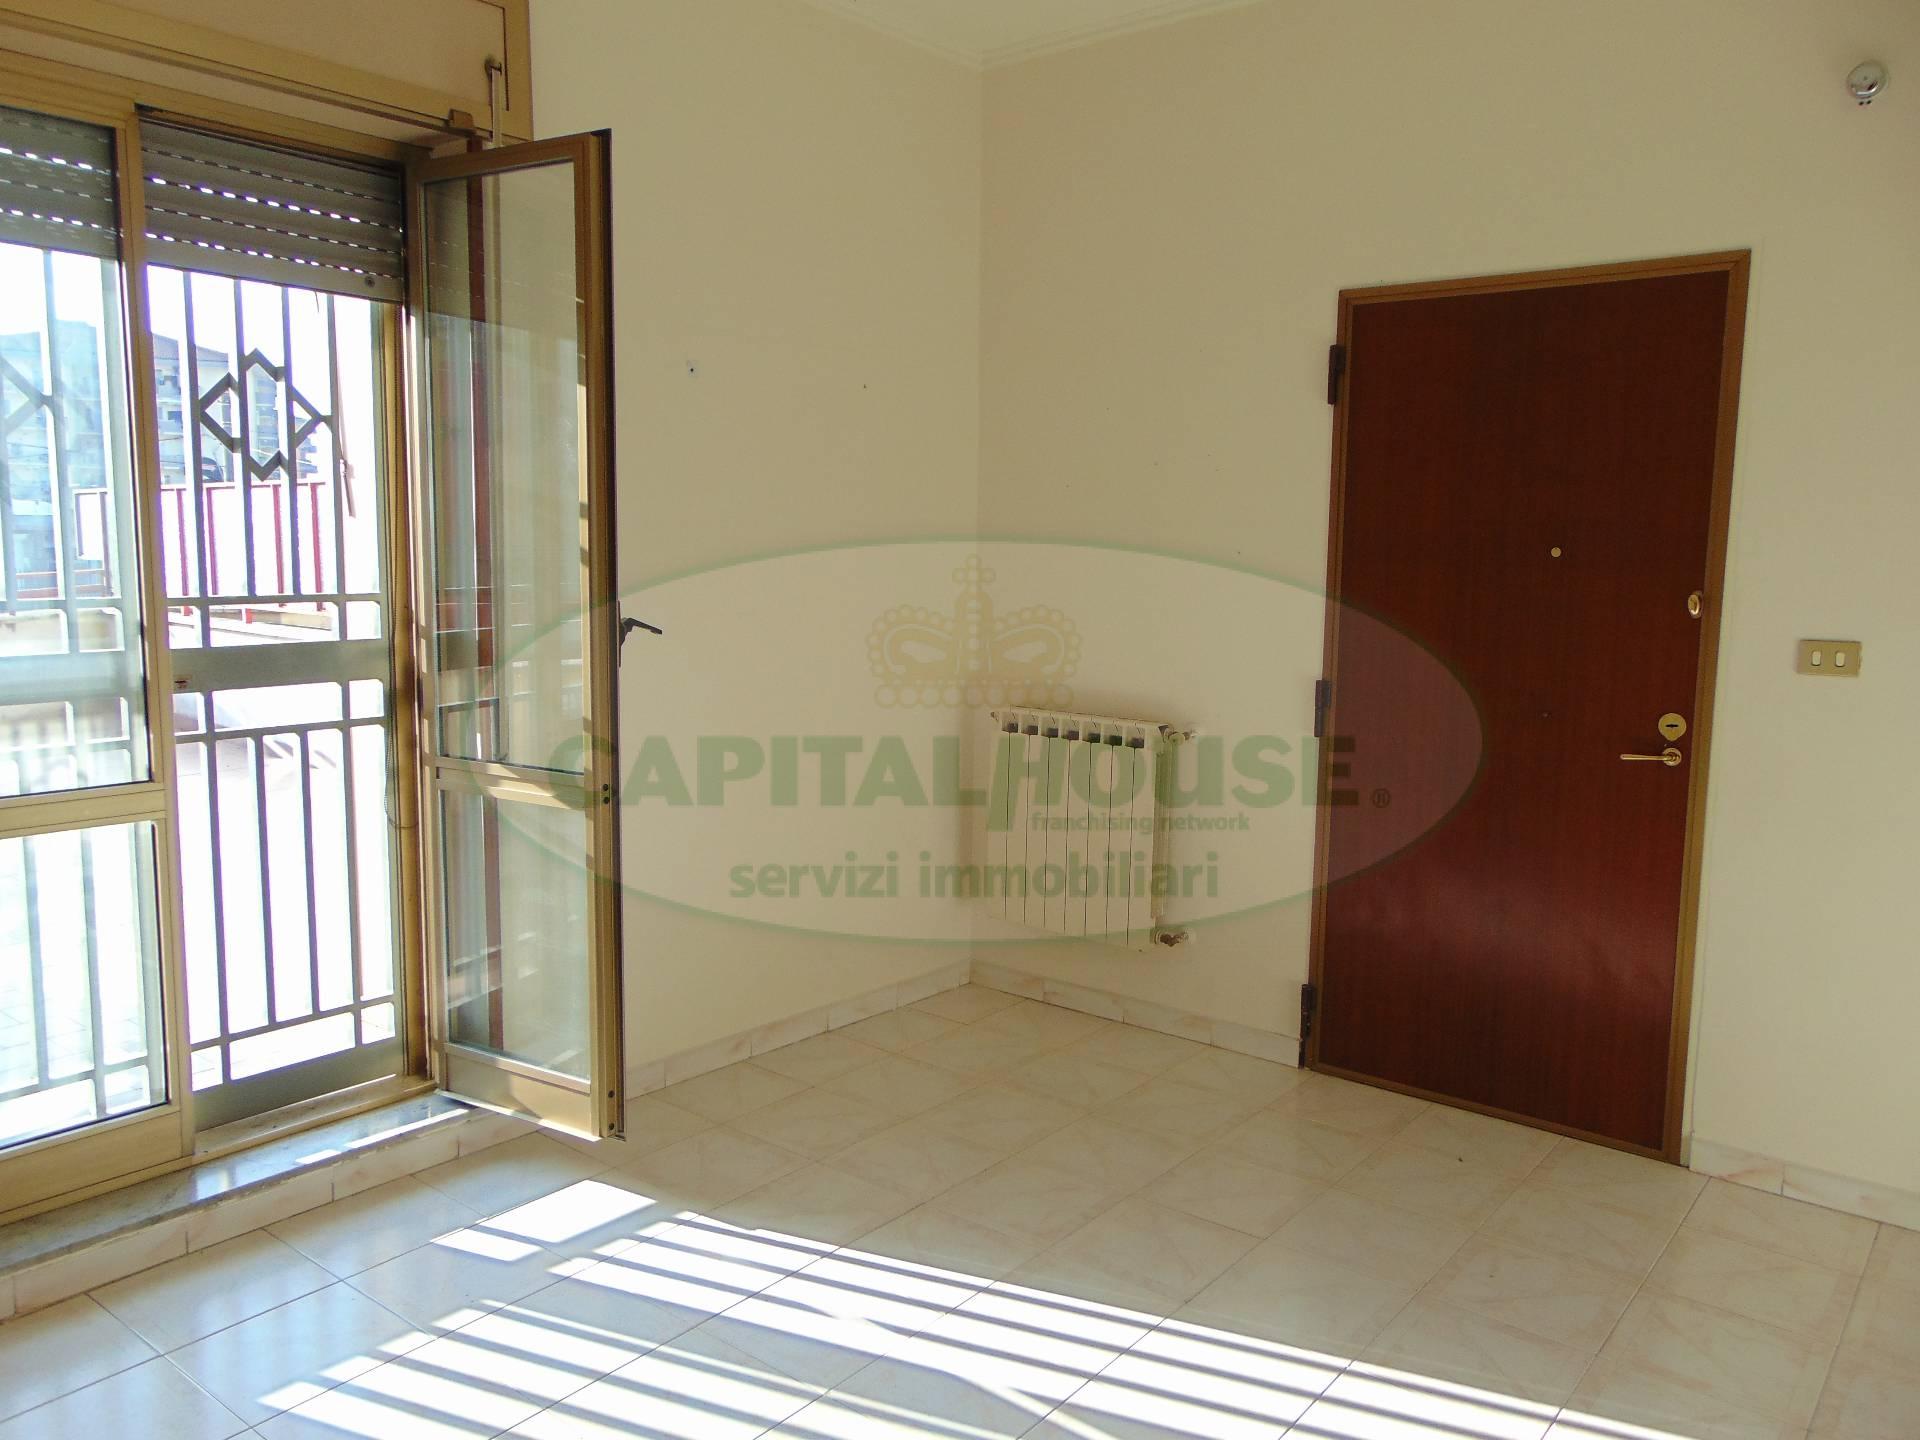 Appartamento in affitto a Santa Maria Capua Vetere, 4 locali, zona Località: S.Andrea, prezzo € 360 | CambioCasa.it